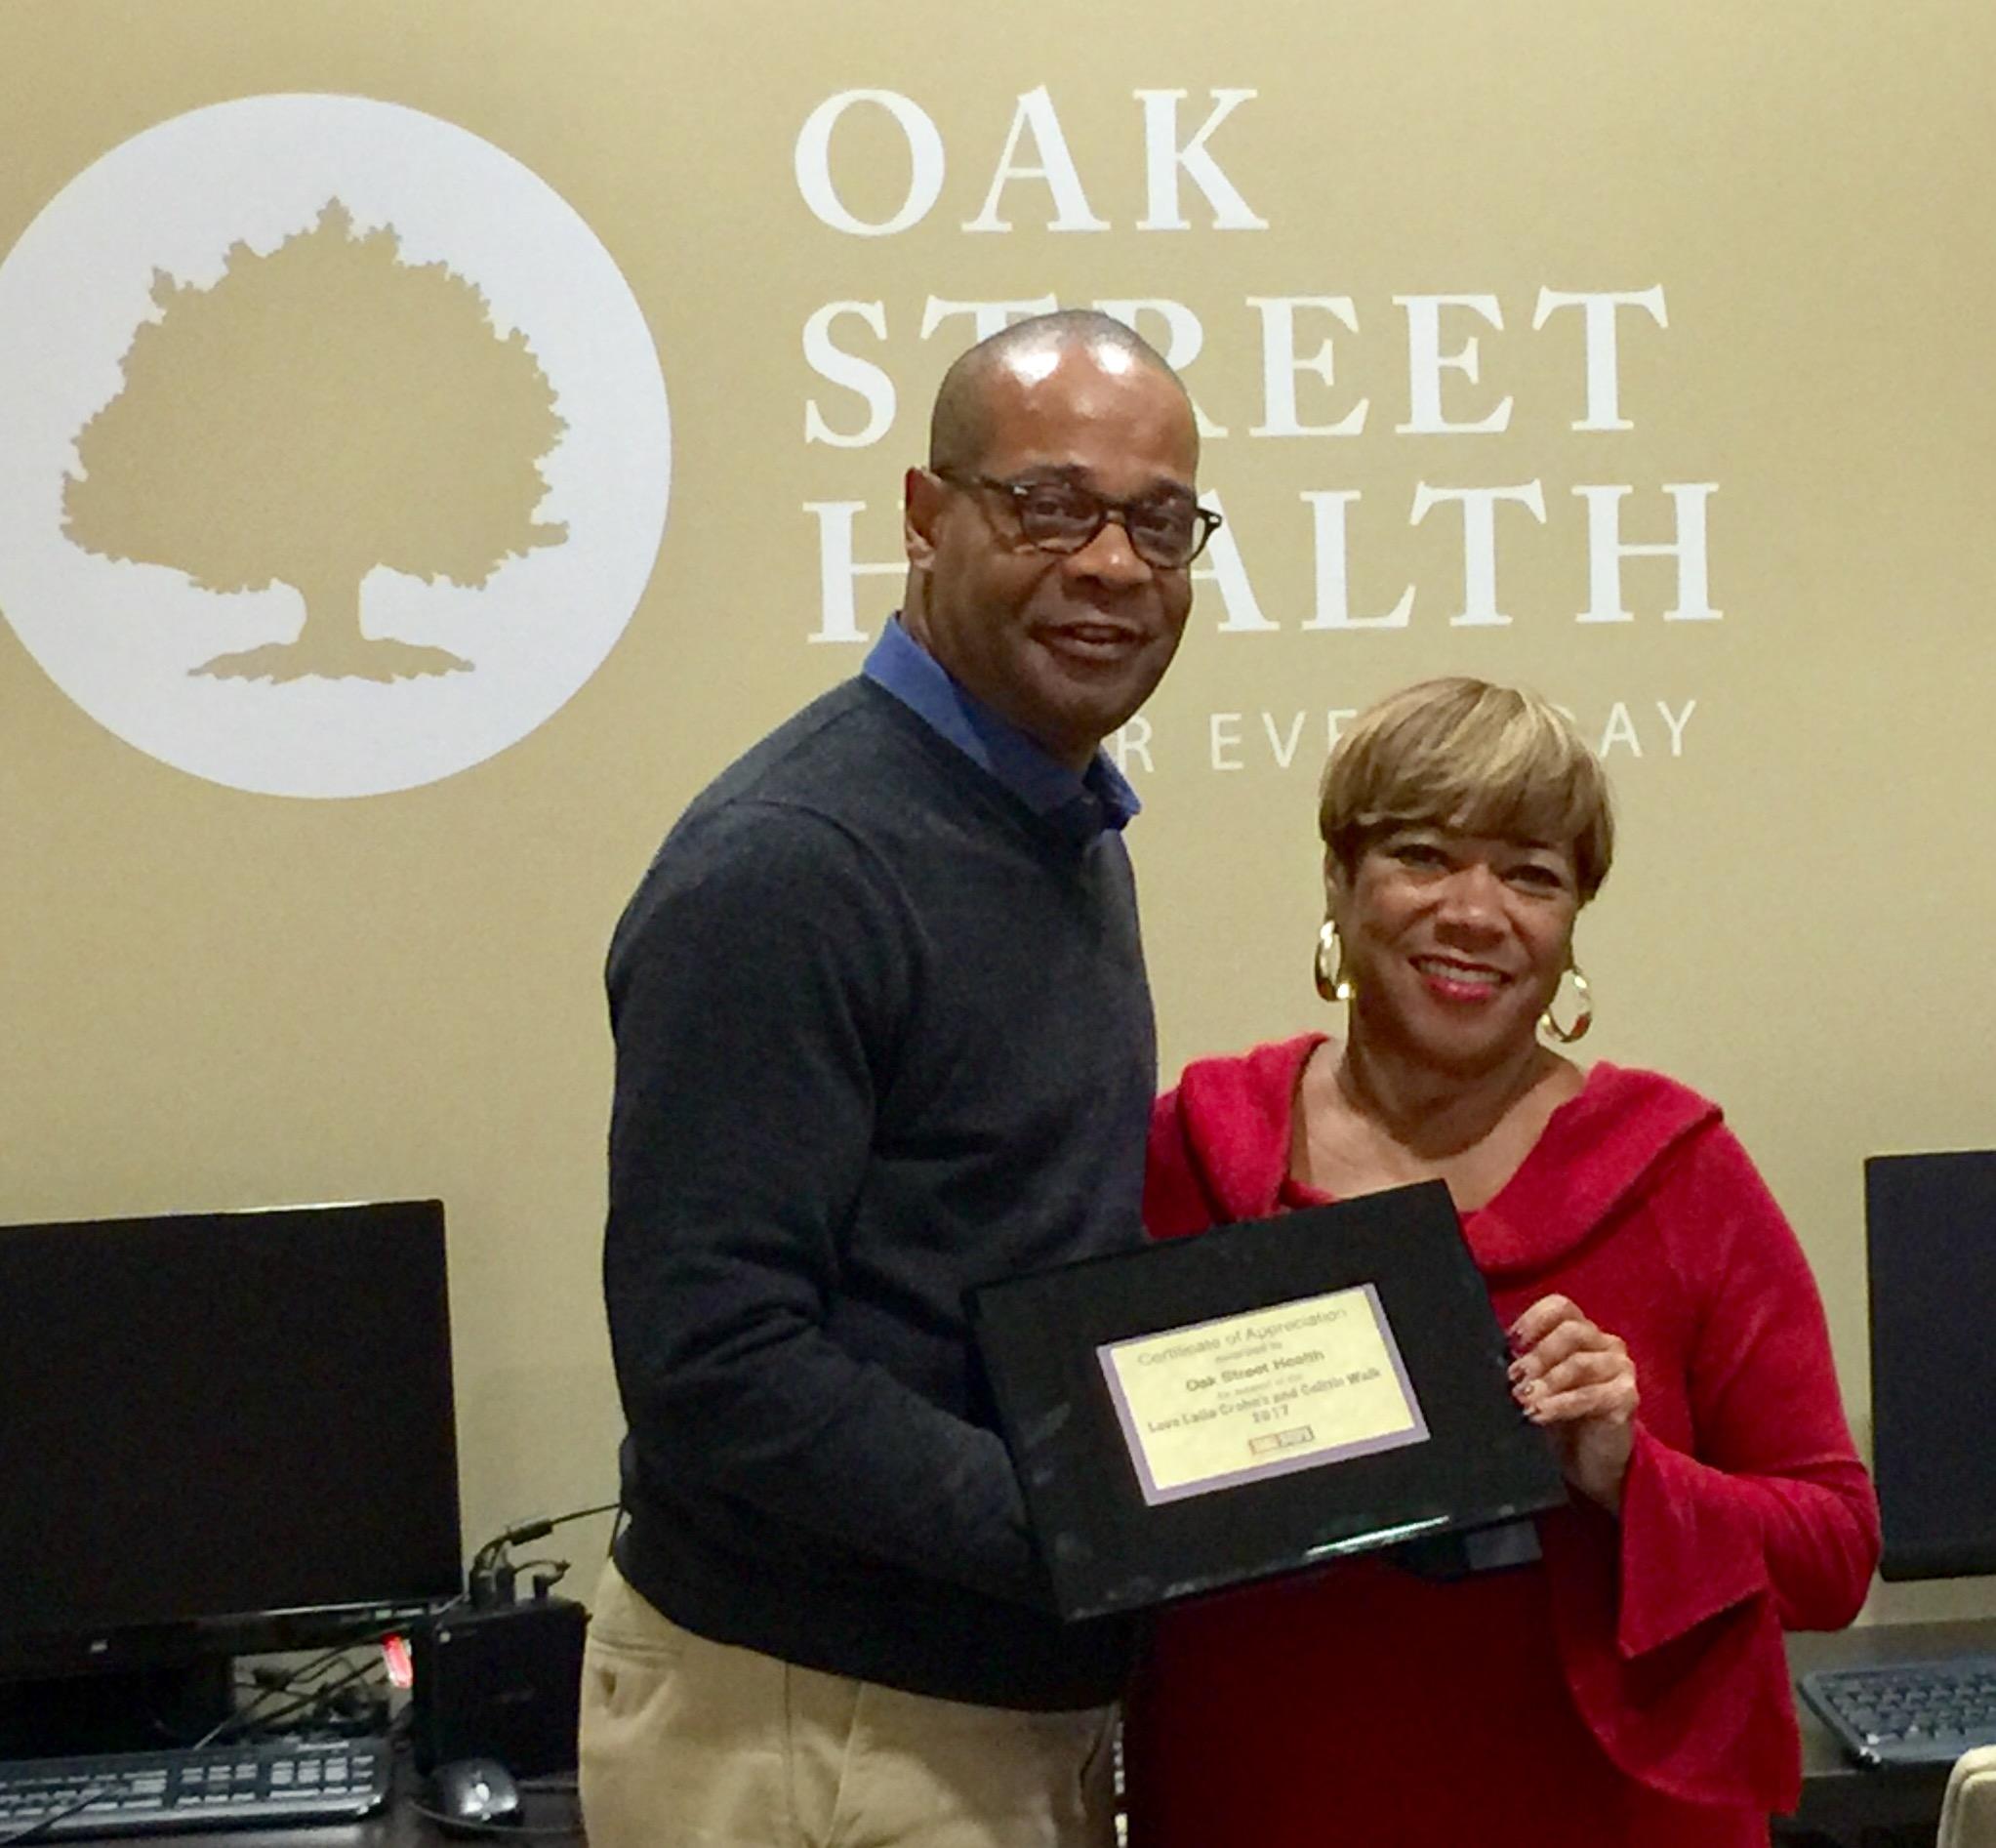 OakStreetHealth